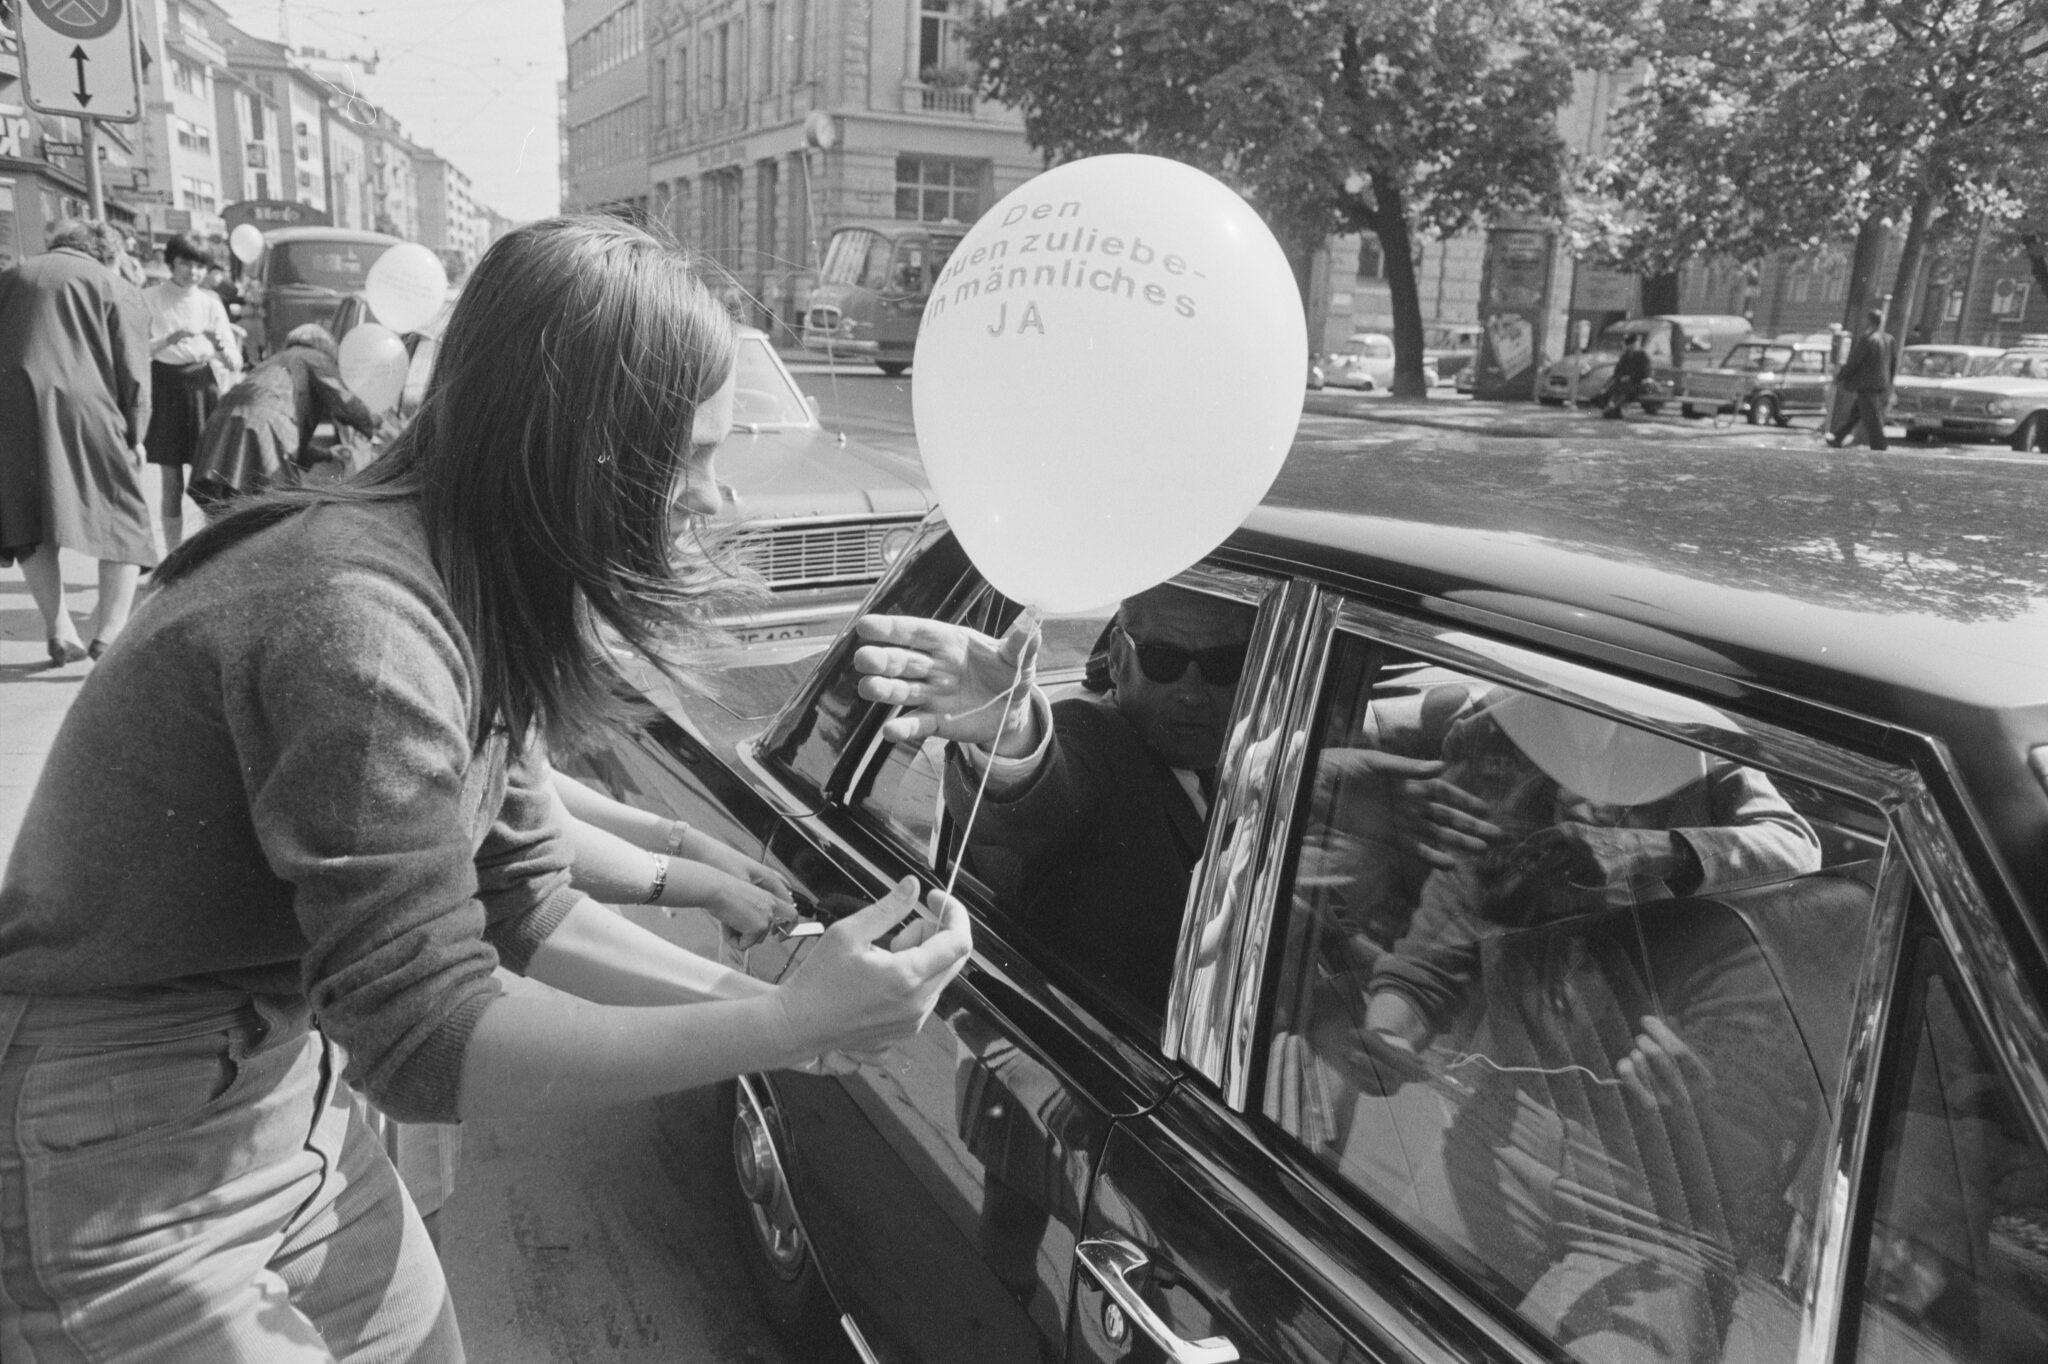 Ballonpropaganda für das Frauenstimmrecht